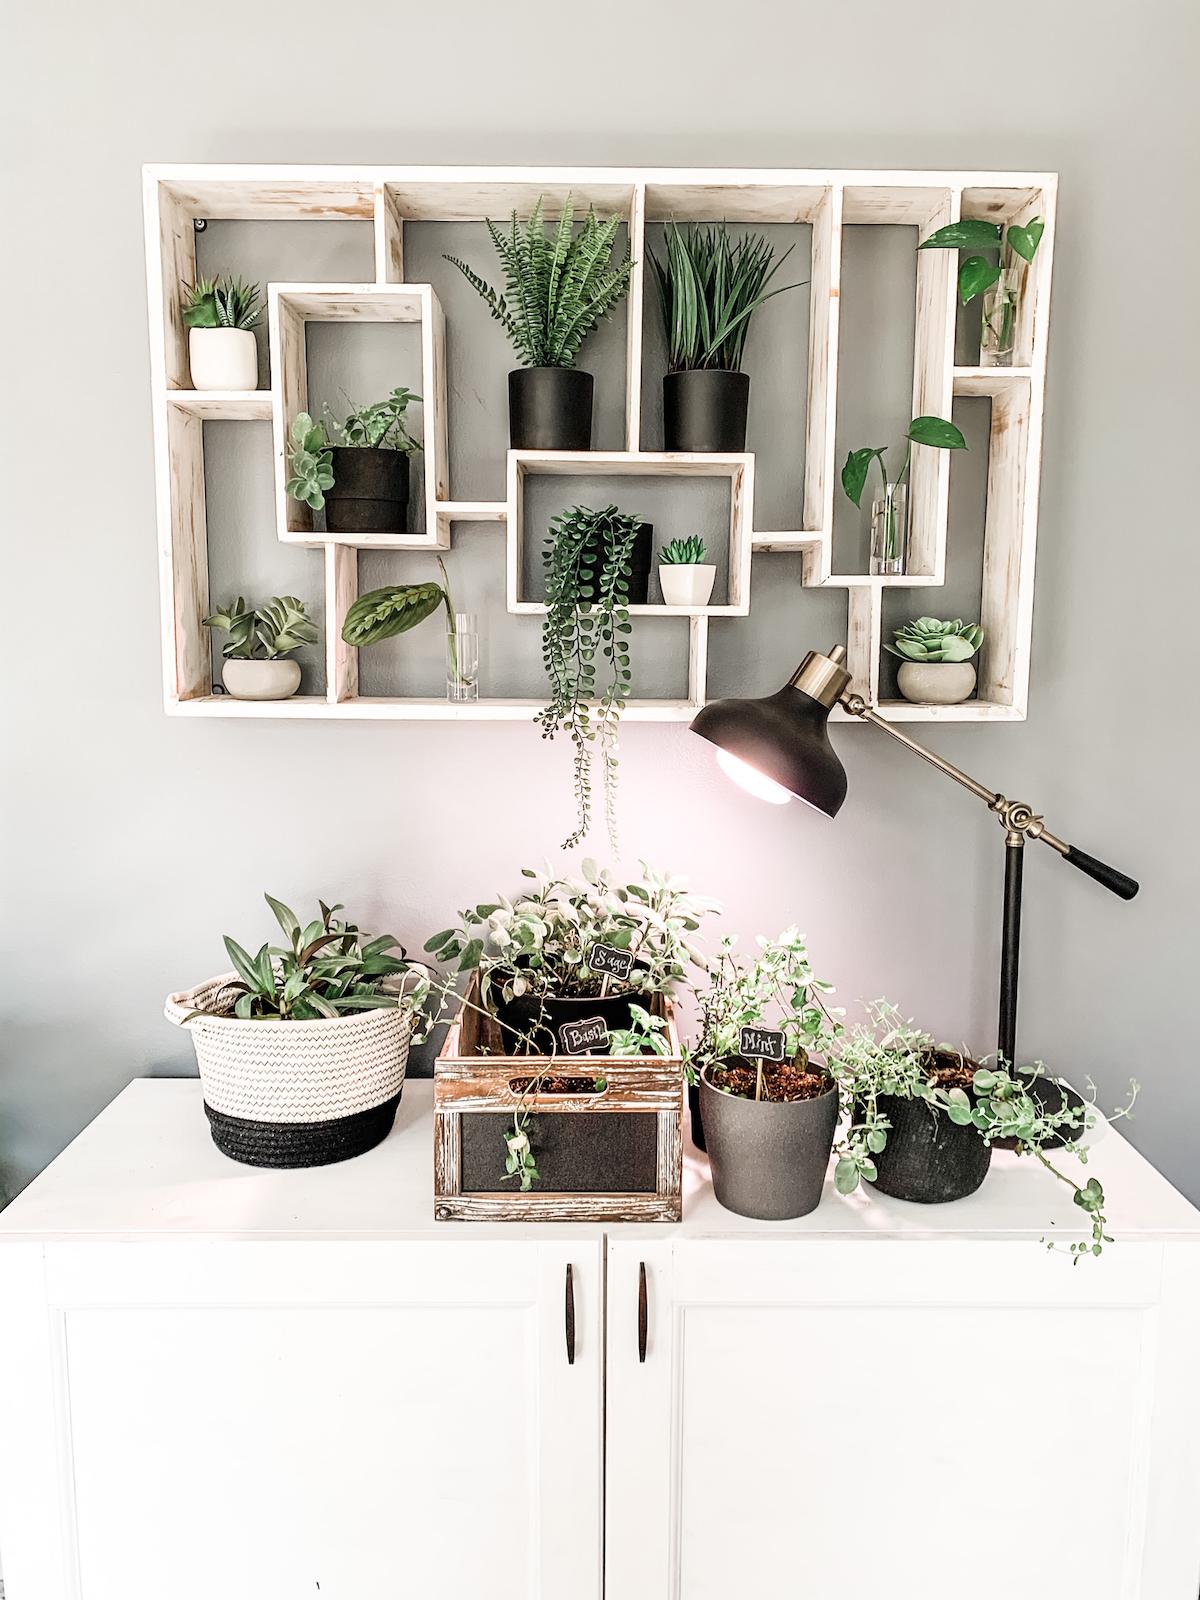 my indoor vertical garden with herbs and plants